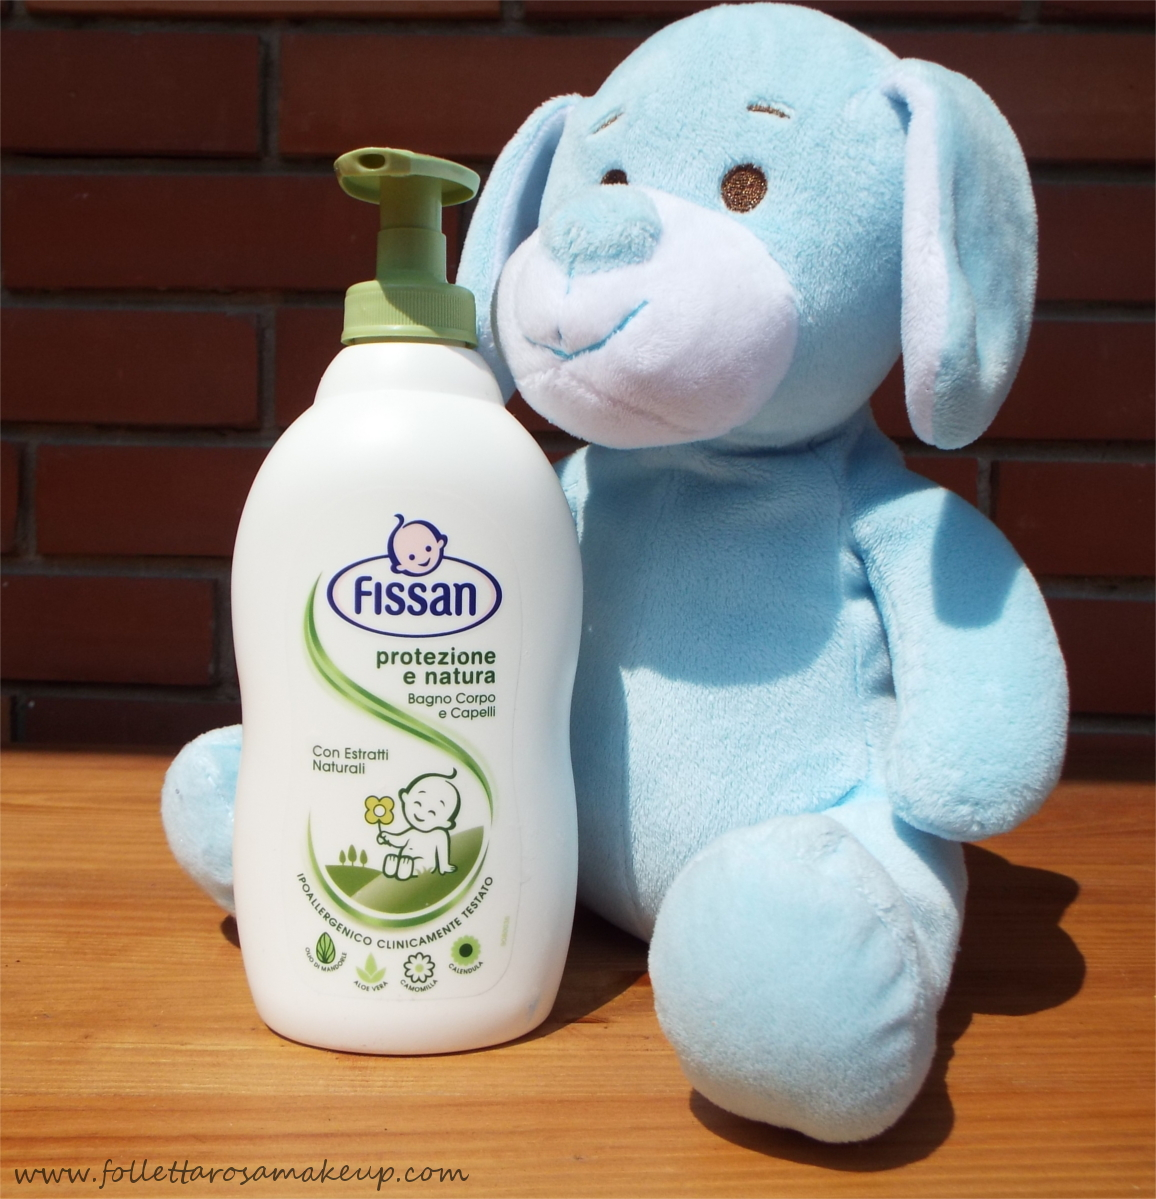 fissan-bagno-capelli-protezione-natura